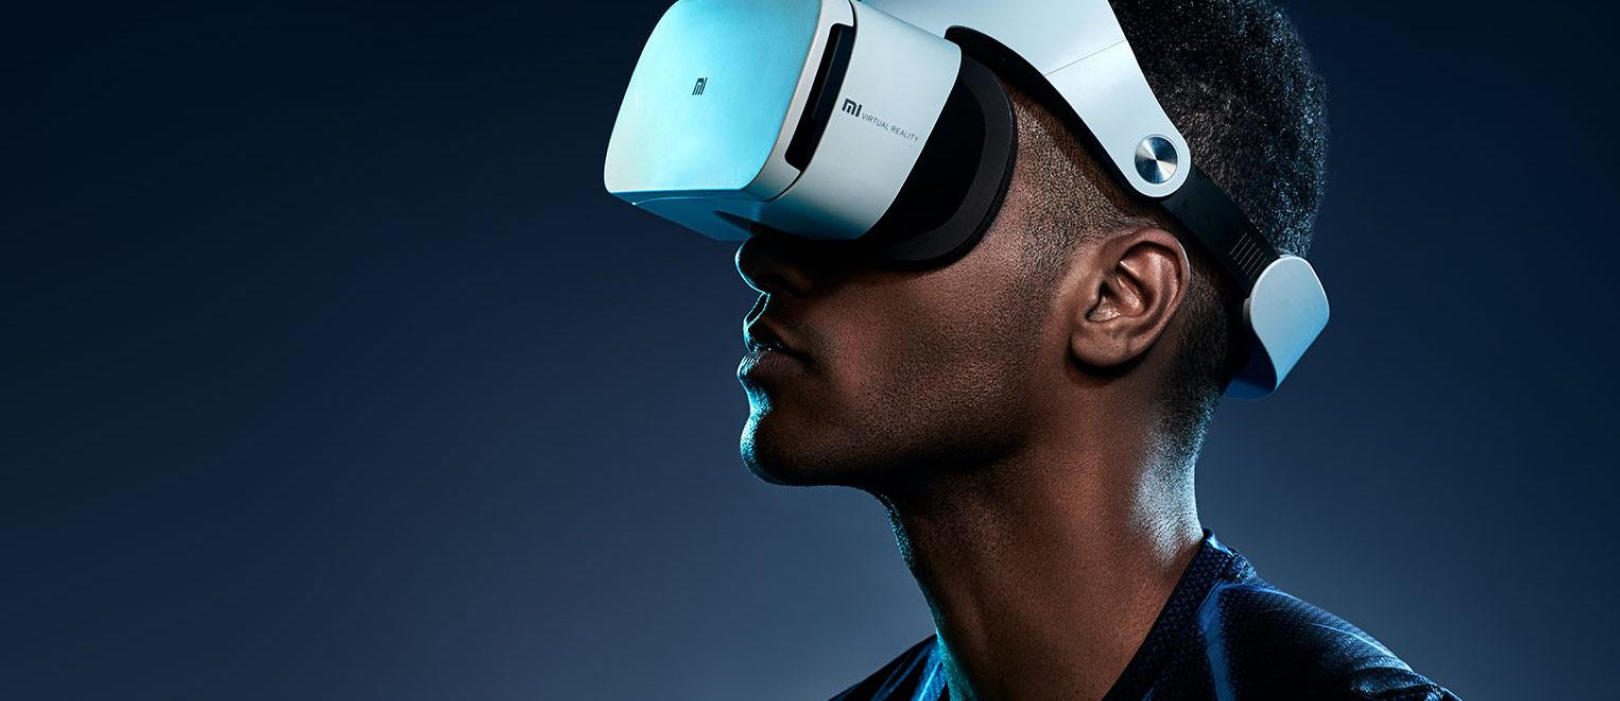 Frame 1 13 - Как использовать виртуальную реальность в приложениях